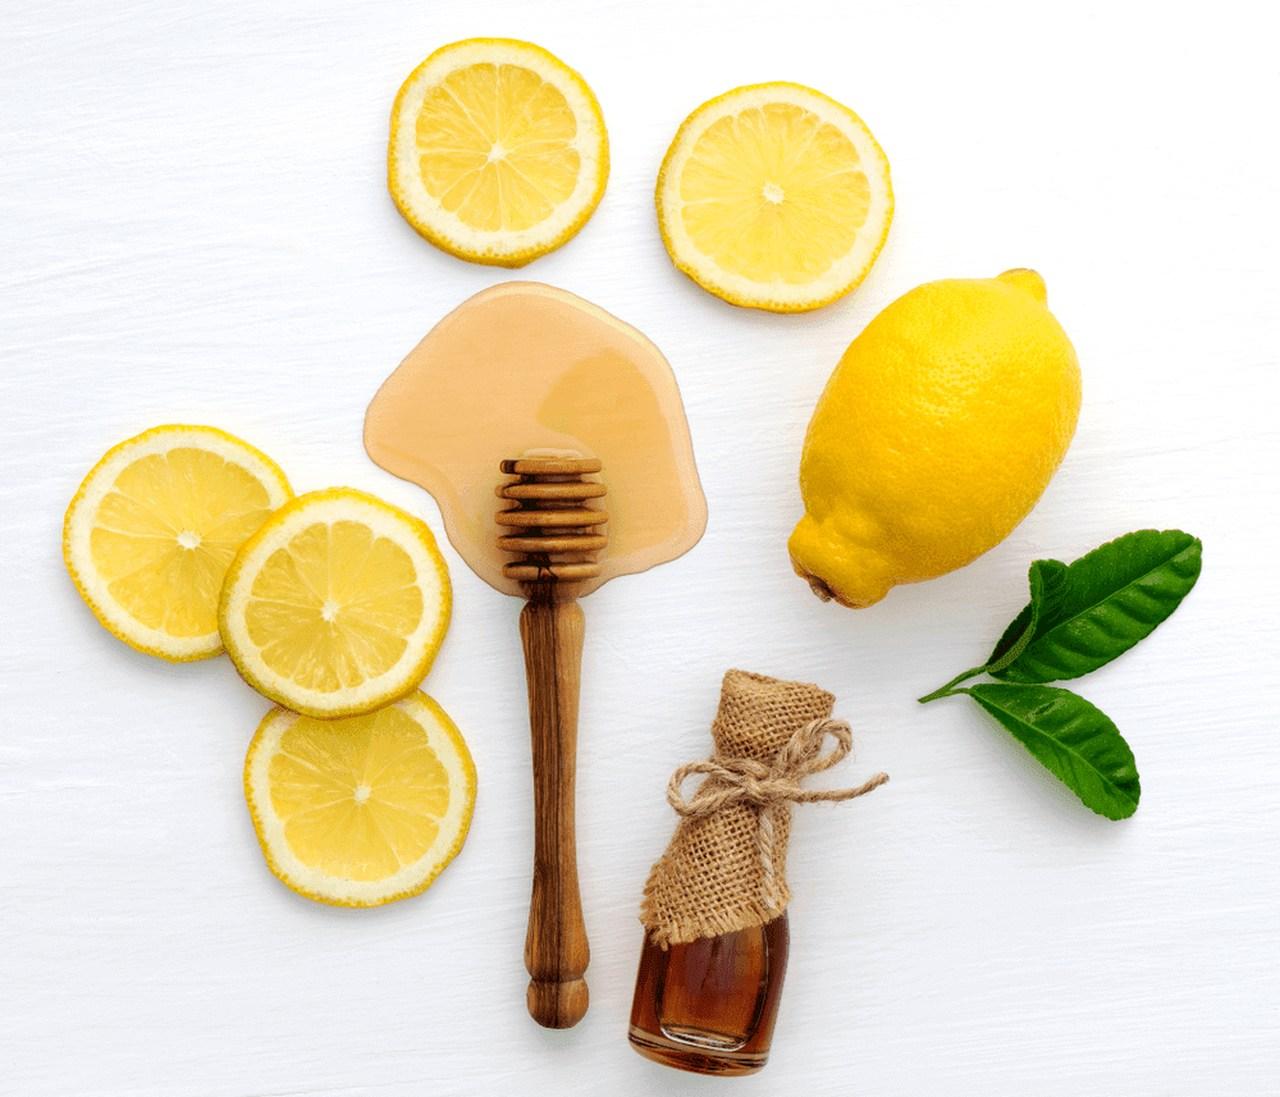 Yuvarlak limon dilimleri ile bütün halde bir limon ve yanlarında yatay bir şekilde duran bal kavanozu ile yüzeye damlatılmış bir miktar bal